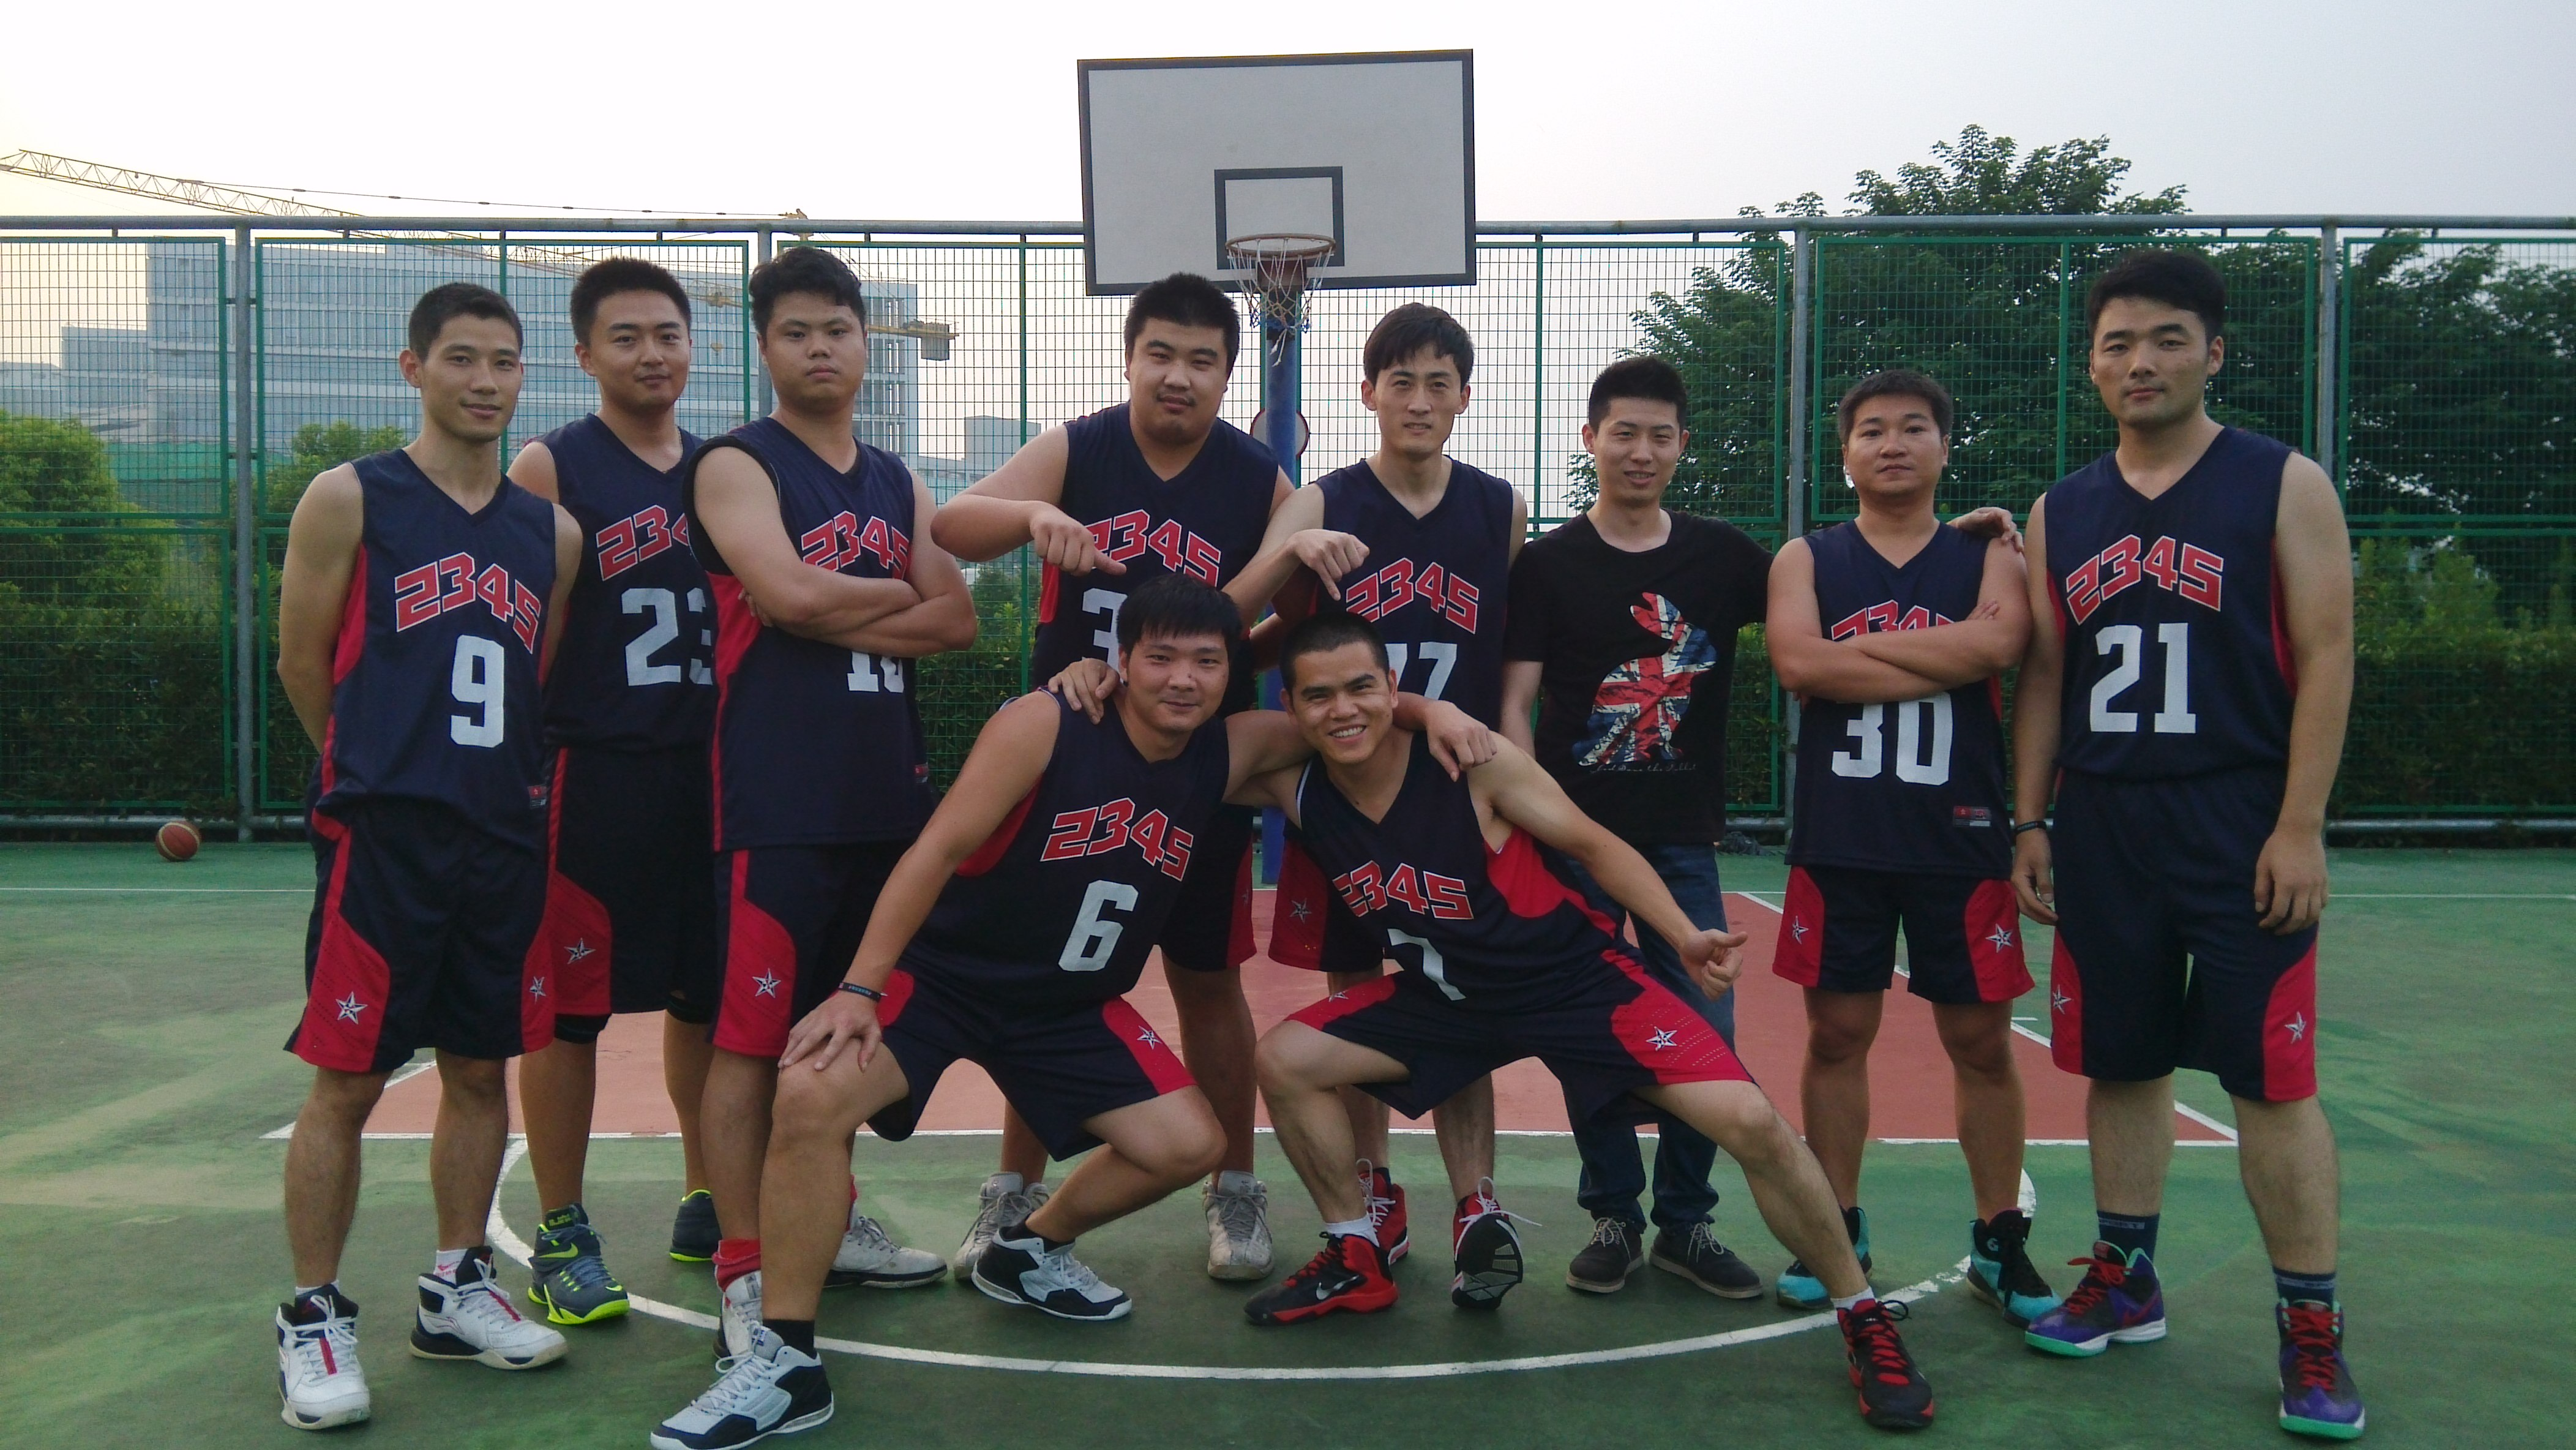 2014浦软运动会——篮球赛